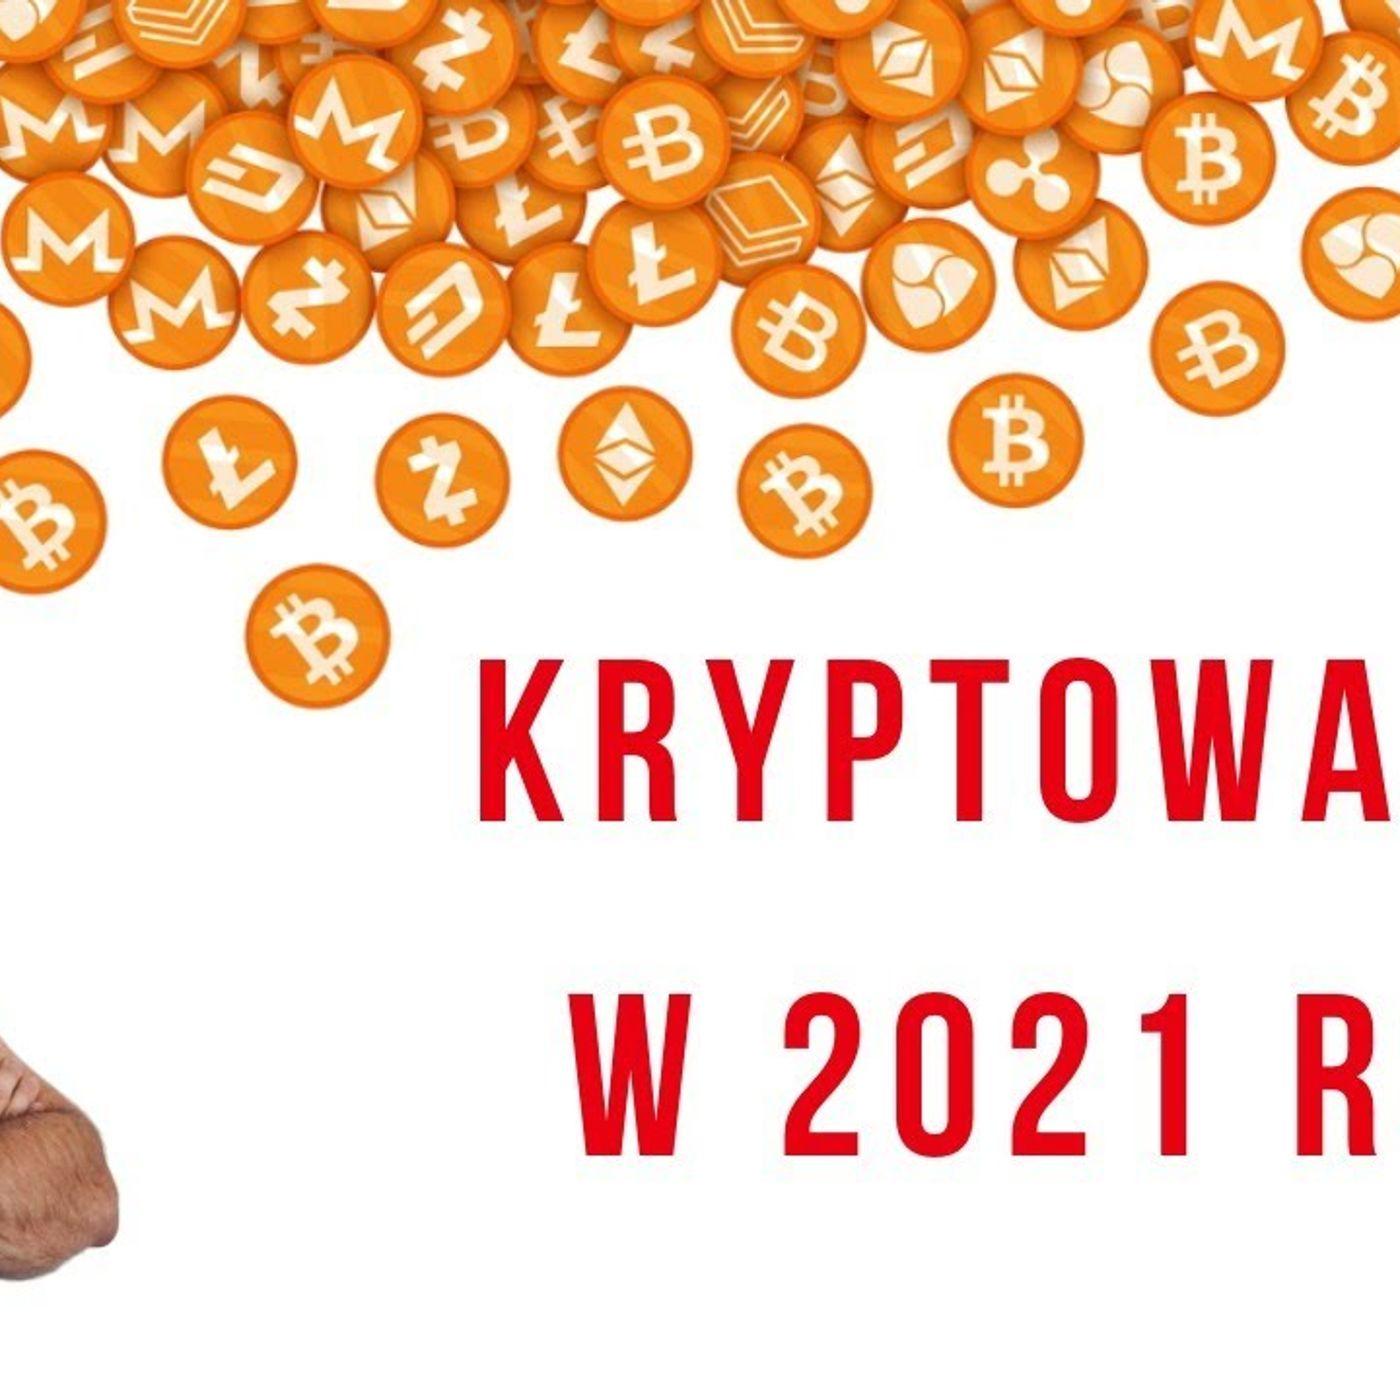 23.01.2021 | KRYPTOWALUTY W JAKIE INWESTUJE W 2021 ROKU